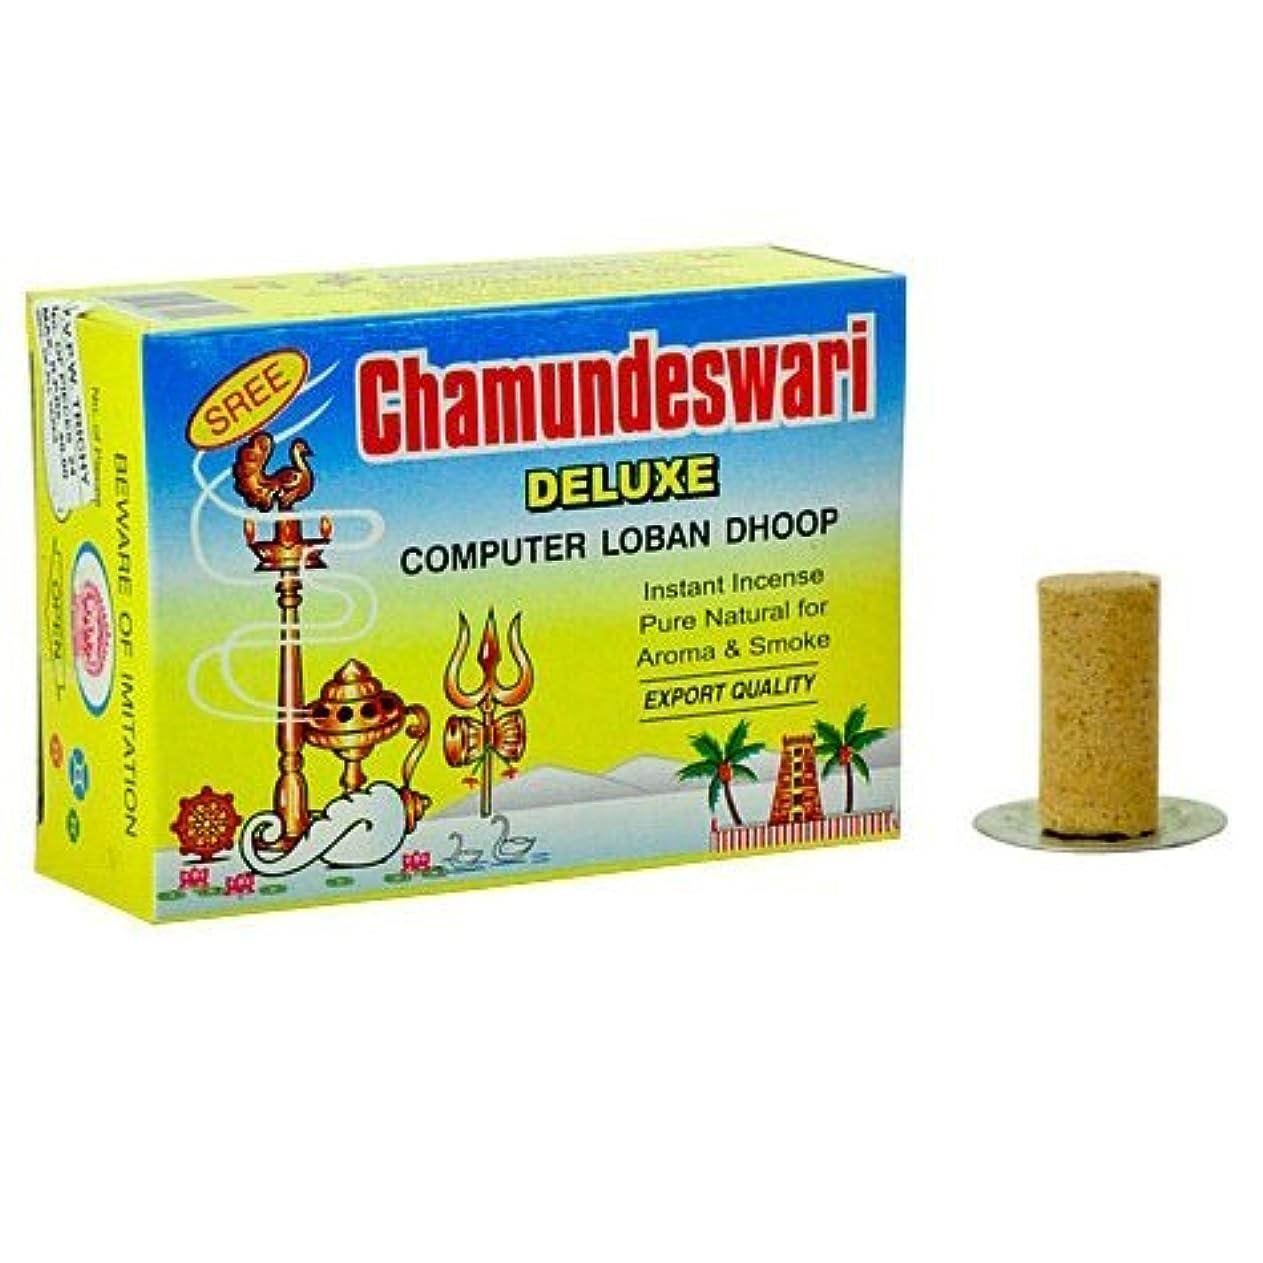 二週間私たちのものモンスターSree ChamundeswariデラックスコンピュータSambrani Loban Dhoop、1.5